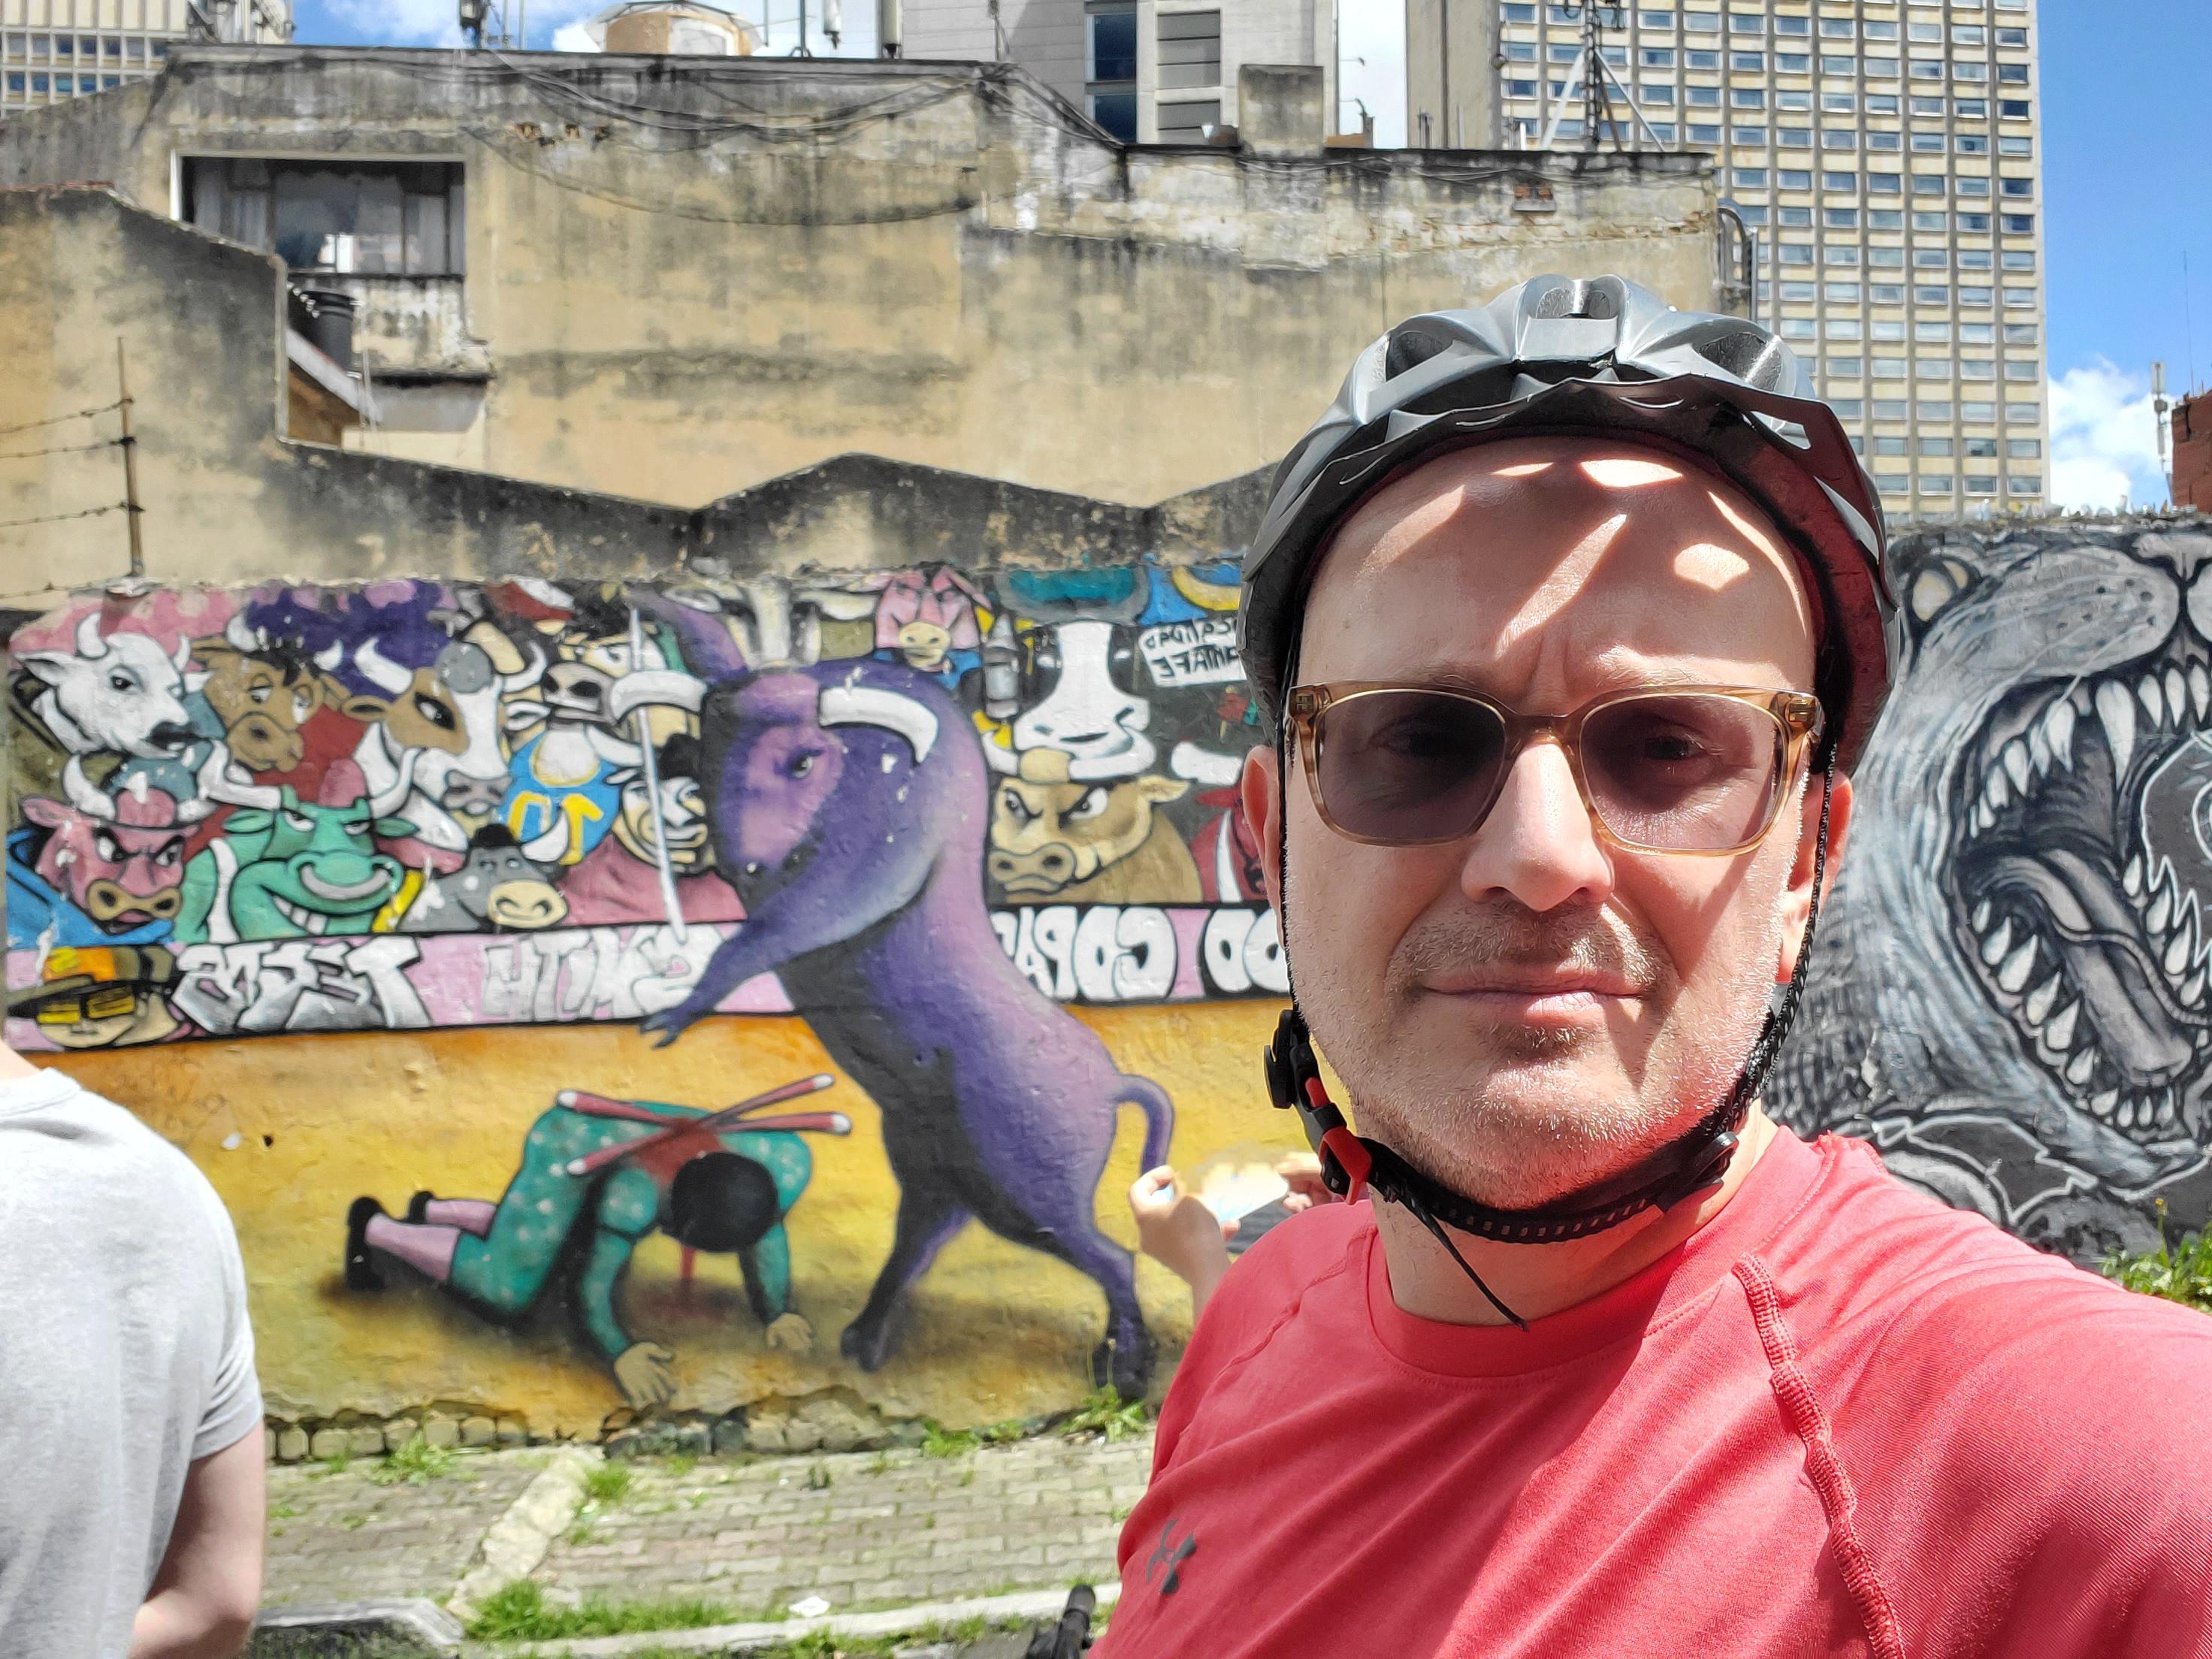 No shortage of edgy murals in La Candalaria, Bogotá